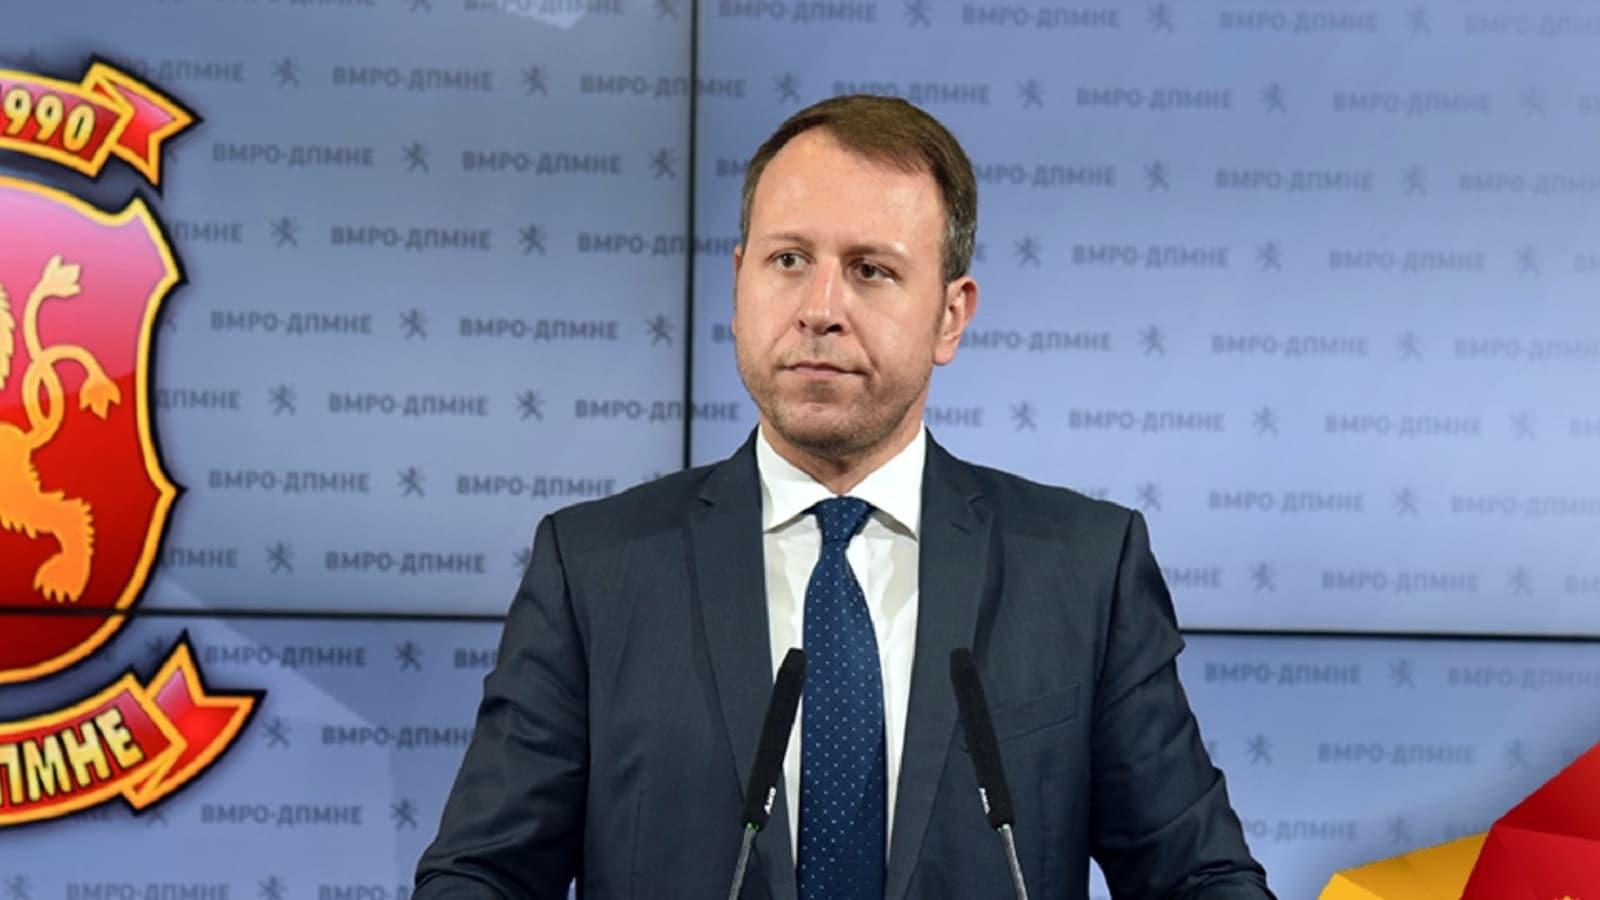 igor-janusev-VMRO